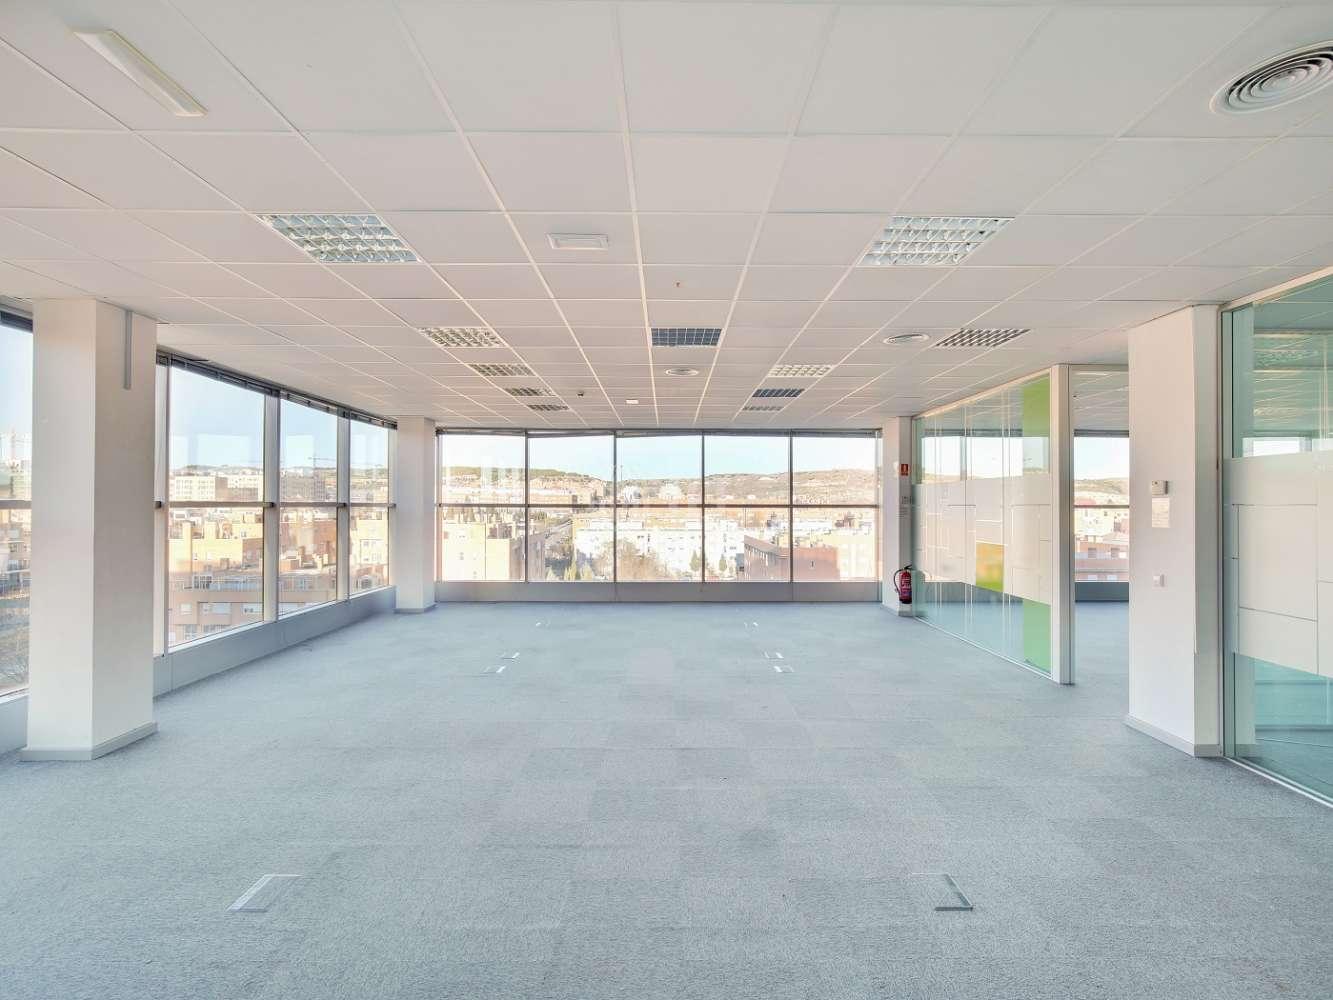 Oficina Rivas-vaciamadrid, 28521 - 521 Hub. Edificio 2 - 14512